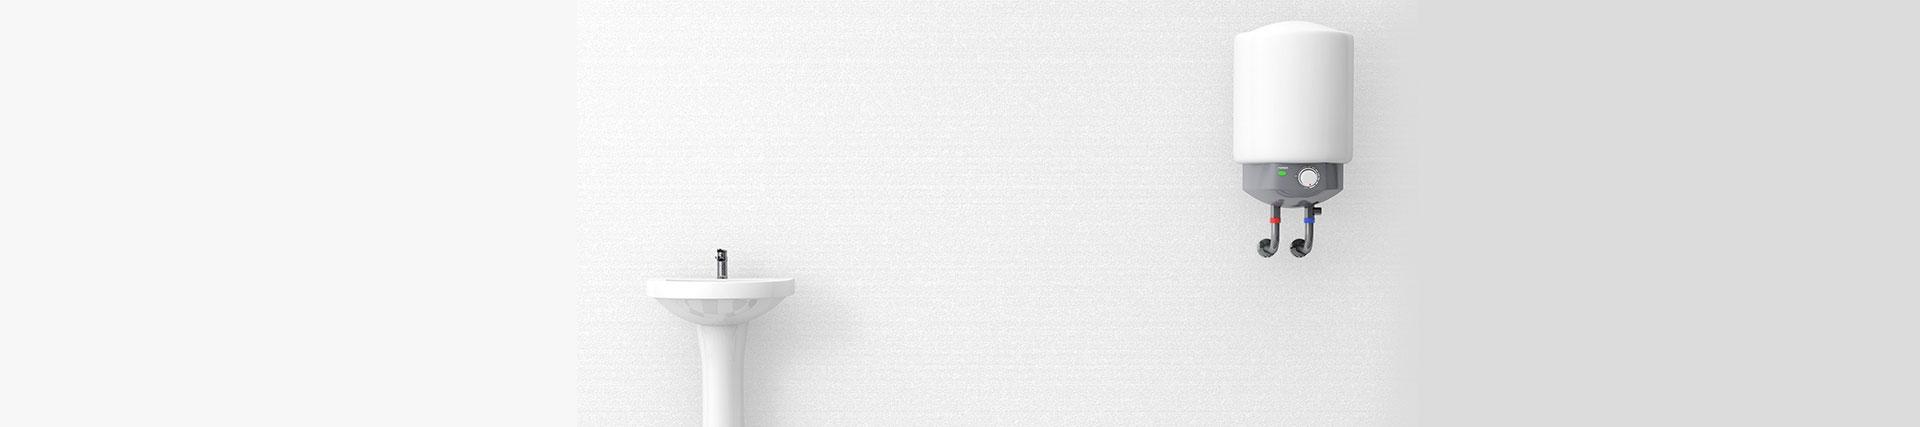 Calentadores de agua y termos el ctricos en alicante - Termos calentadores de agua electricos ...